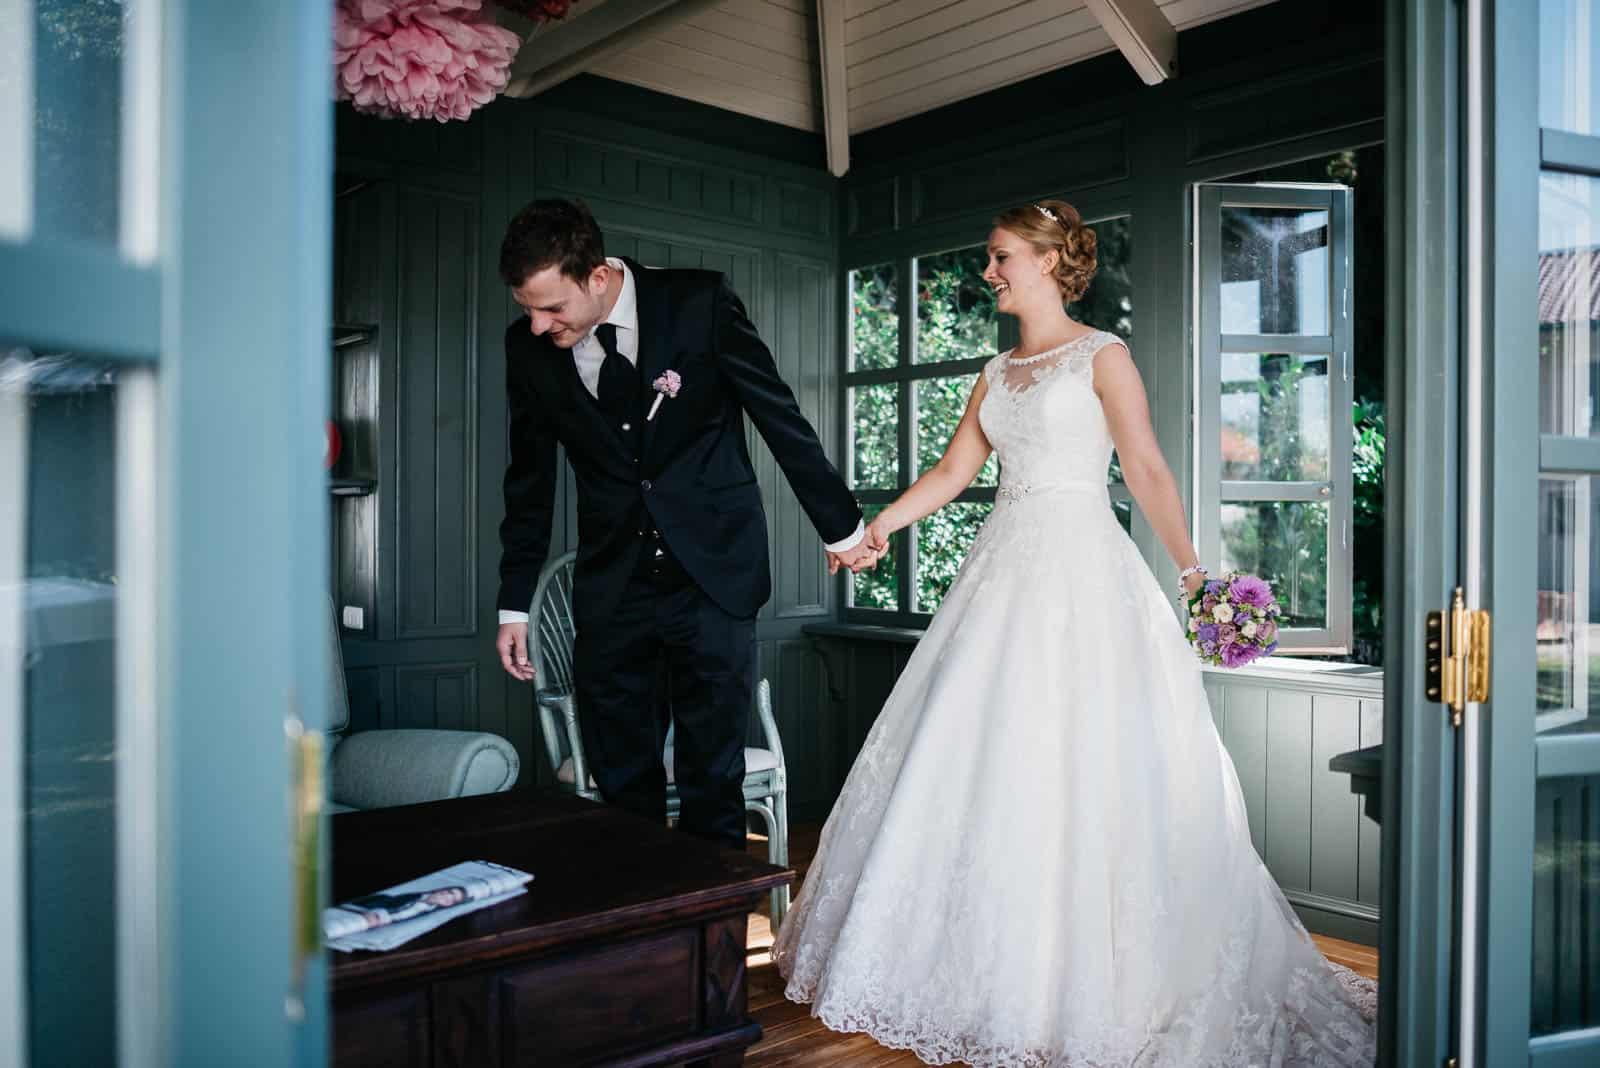 Wedding_Photography_032